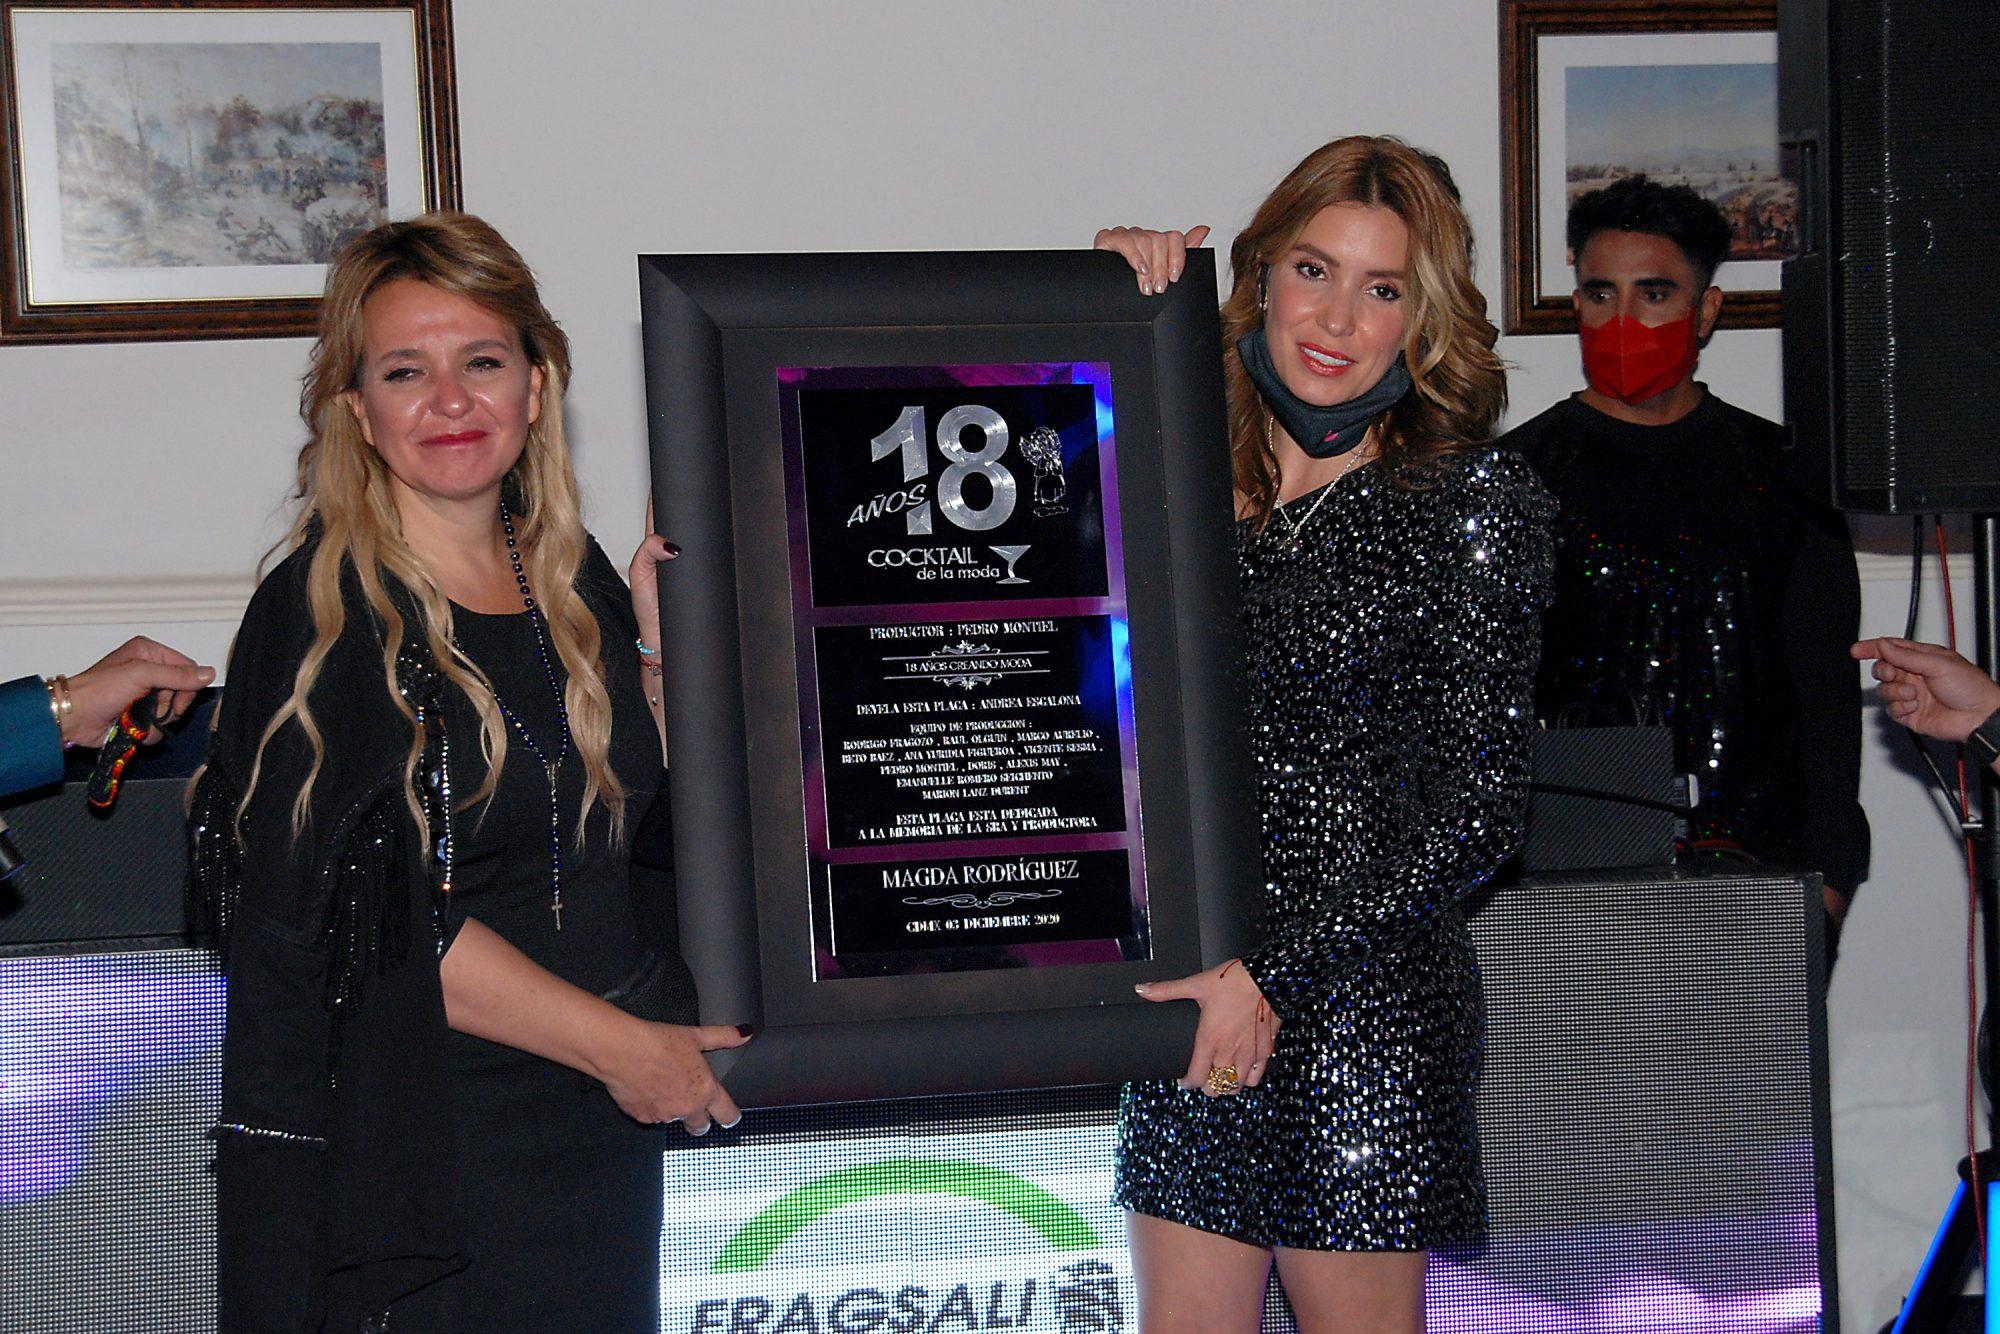 Andrea Escalona y su tía Andrea Rodríguez develan una placa conmemorativa en honor a la trayectoria de la fallecida productora Madga Rodríguez durante la edición número 18 del Cocktail de la Moda/México, 3 de diciembre 2020.